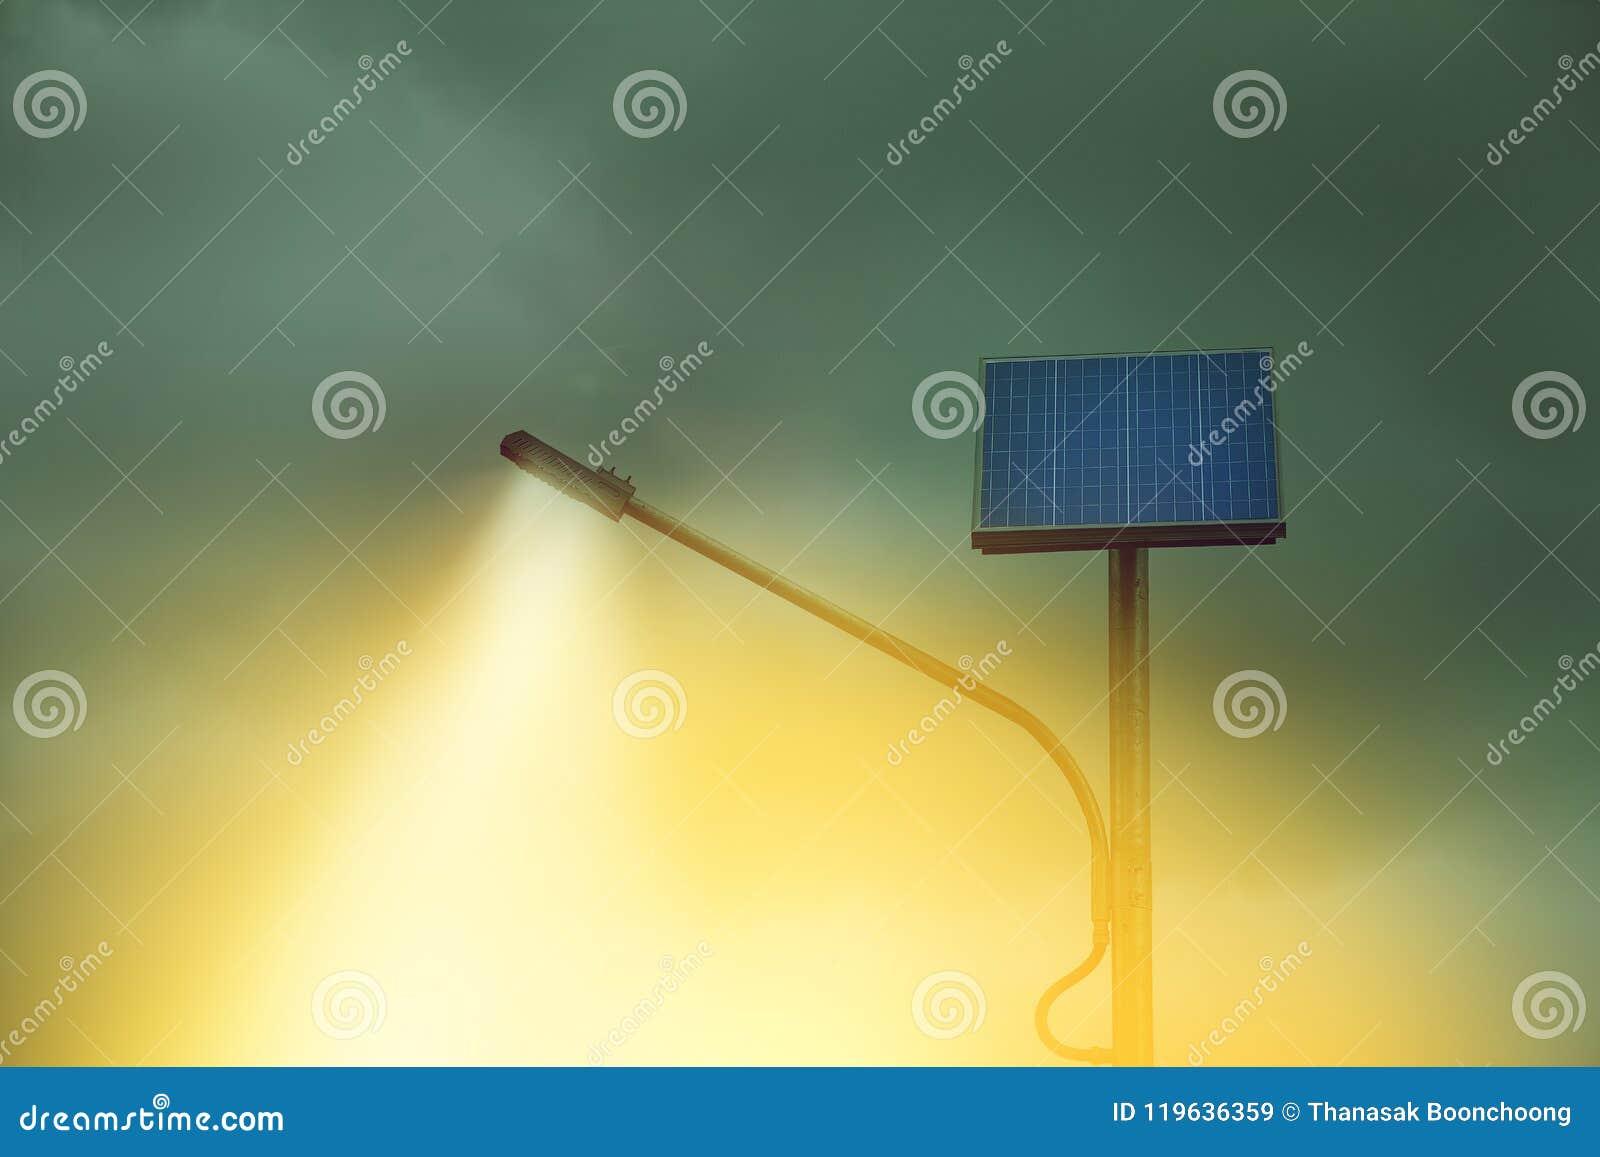 Licht van de pool van de straatverlichting met photovoltaic paneel